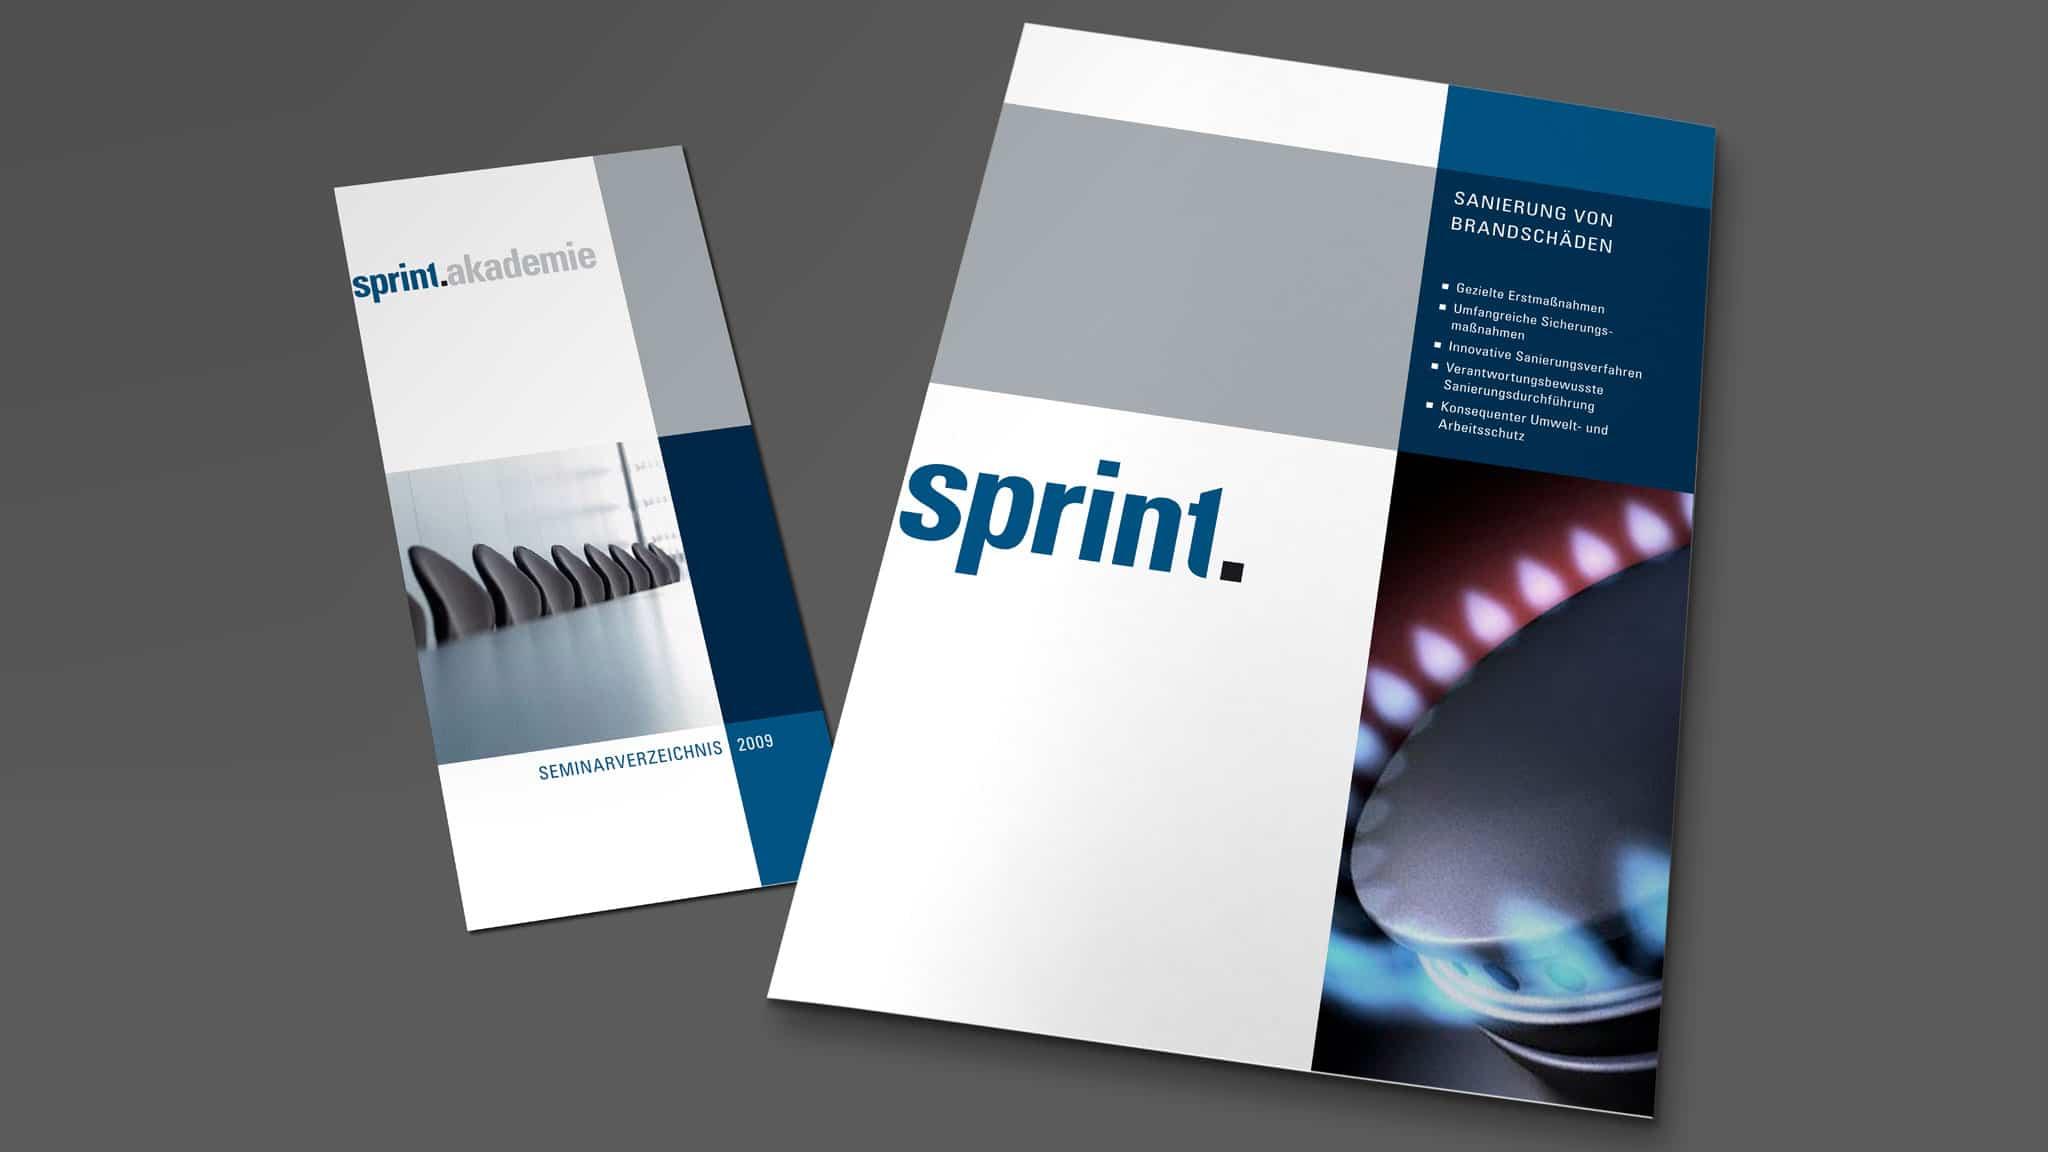 Broschüren-Erstellung für Sprint Sanierung